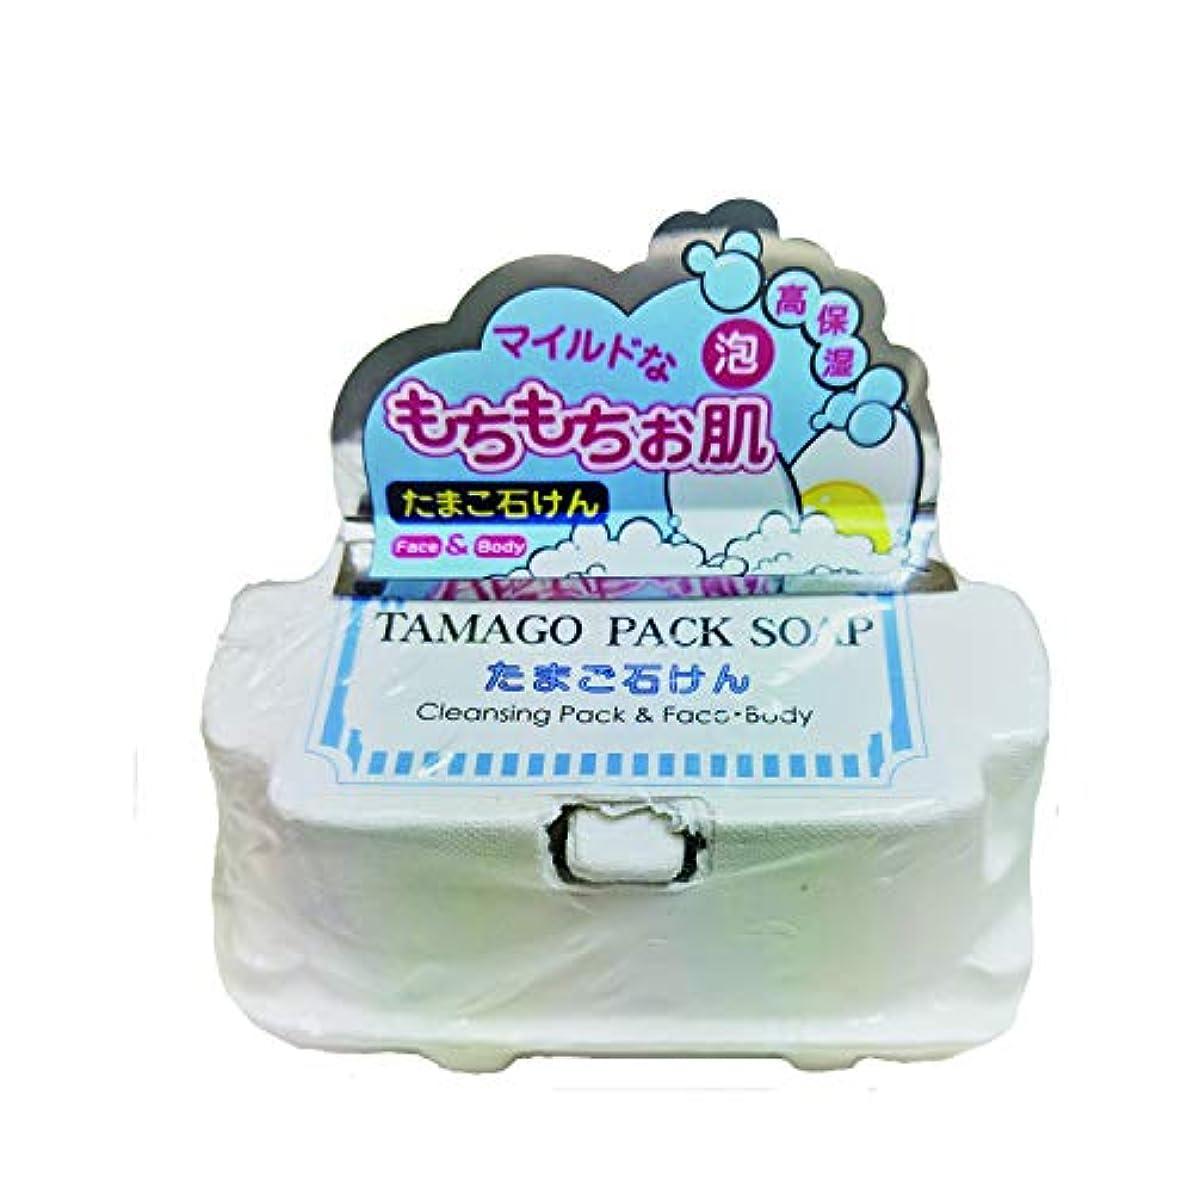 ドクターアト たまご石けん Dr.Ato TAMAGO PACK SOAP 50g×2 【平日:翌営業日発送?土日注文:月曜日?連休日:業務開始日発送】SHINBEE